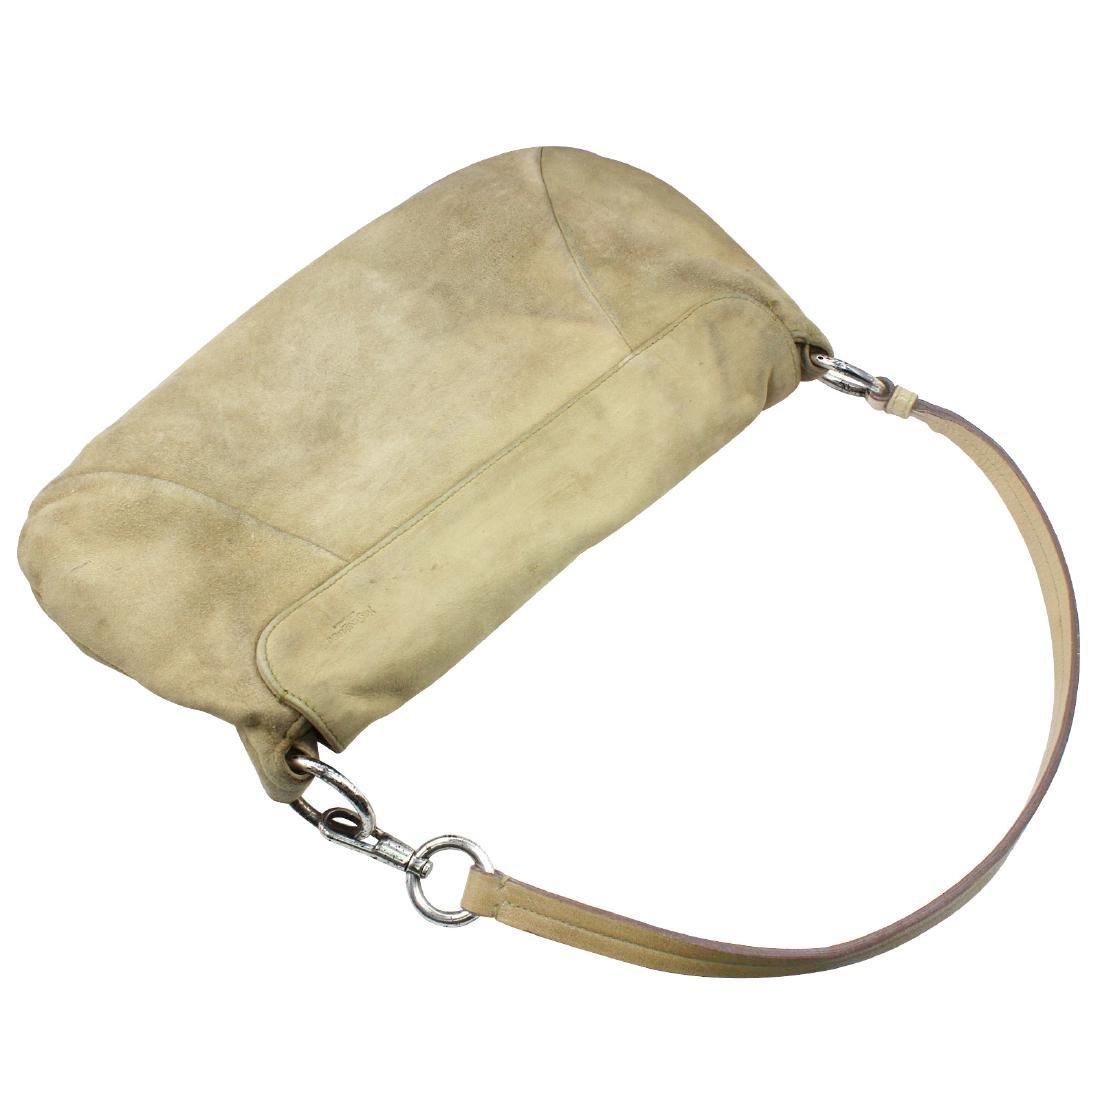 Yves Saint Laurent Nadja Rose Shoulder Bag Beige Suede - 4